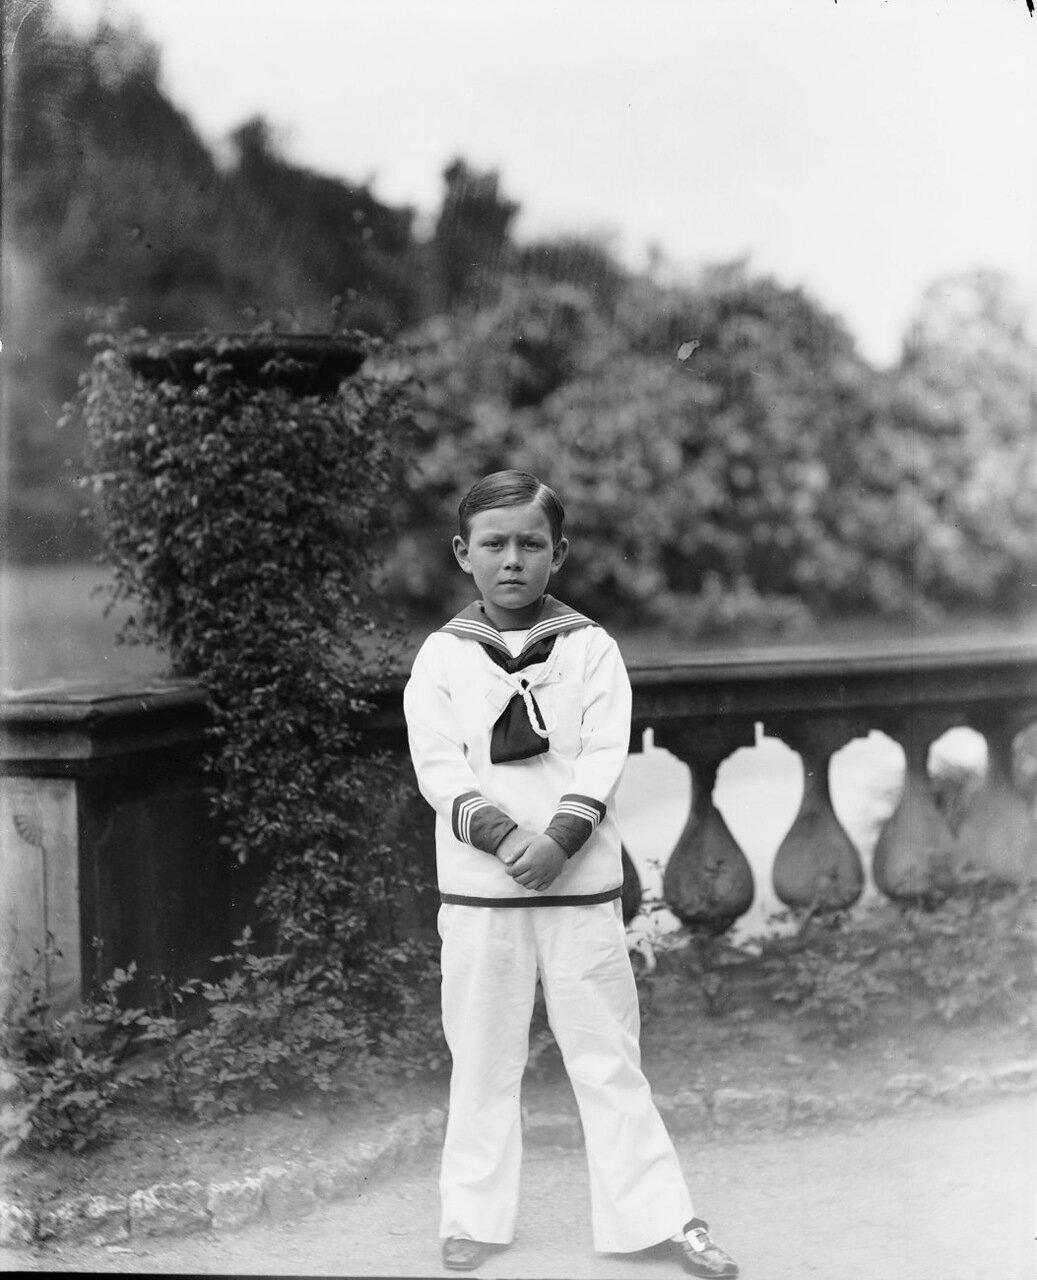 1914. Принц Леннарт, герцог Смоландский, граф Бернадотт аф Висборг (1909-2004).